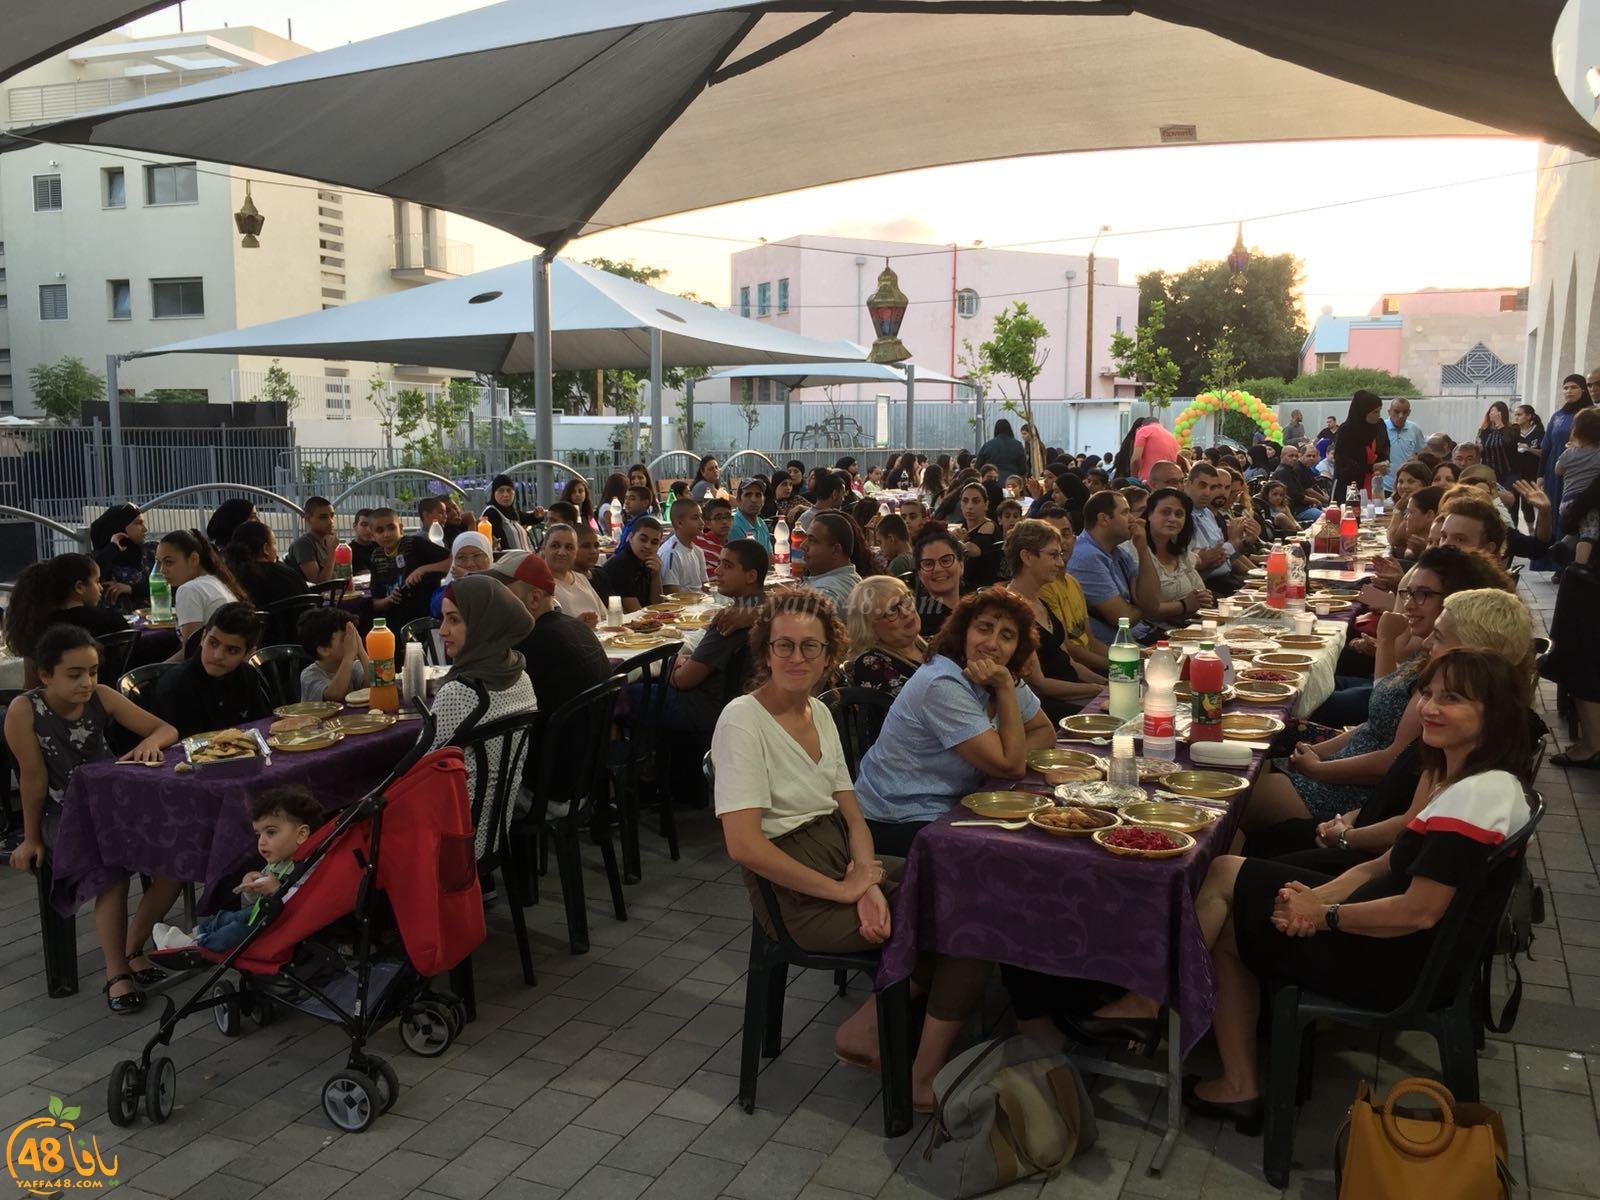 أمسية إفطار جماعي للطلاب وذويهم في مدرسة يافا المستقبل